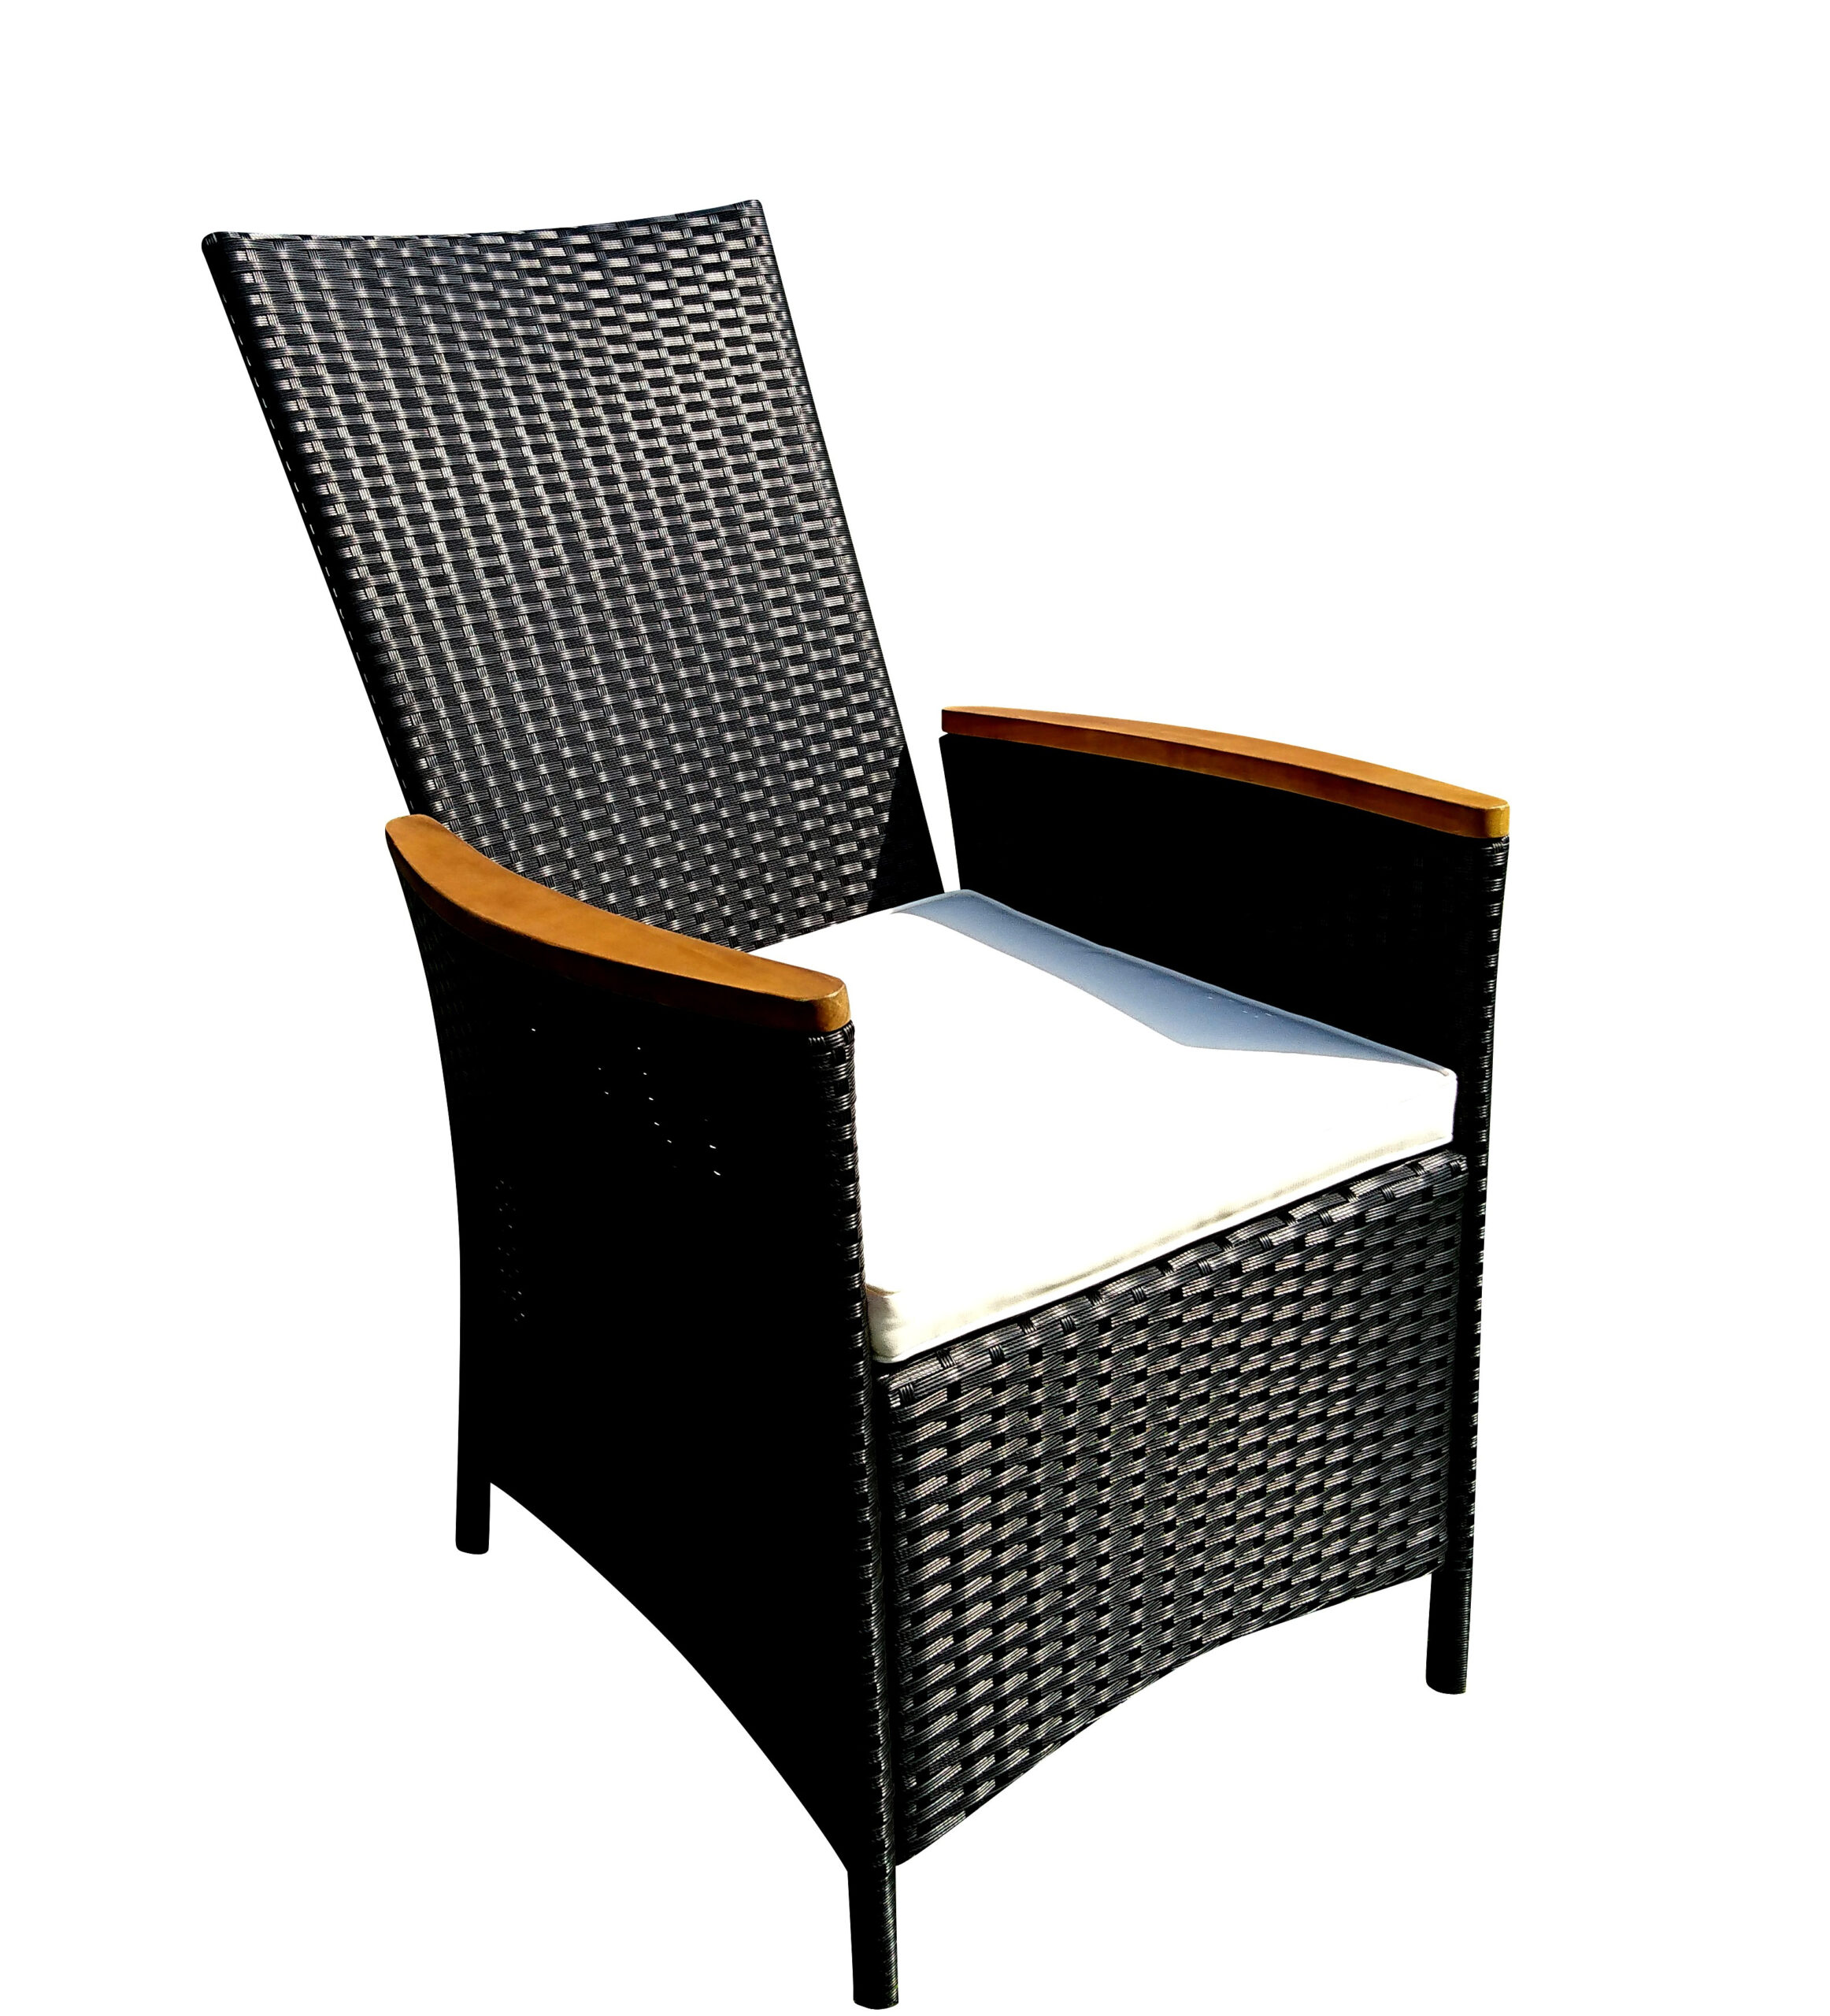 Full Size of Liegesessel Verstellbar Polyrattan Sessel Sofa Mit Verstellbarer Sitztiefe Wohnzimmer Liegesessel Verstellbar